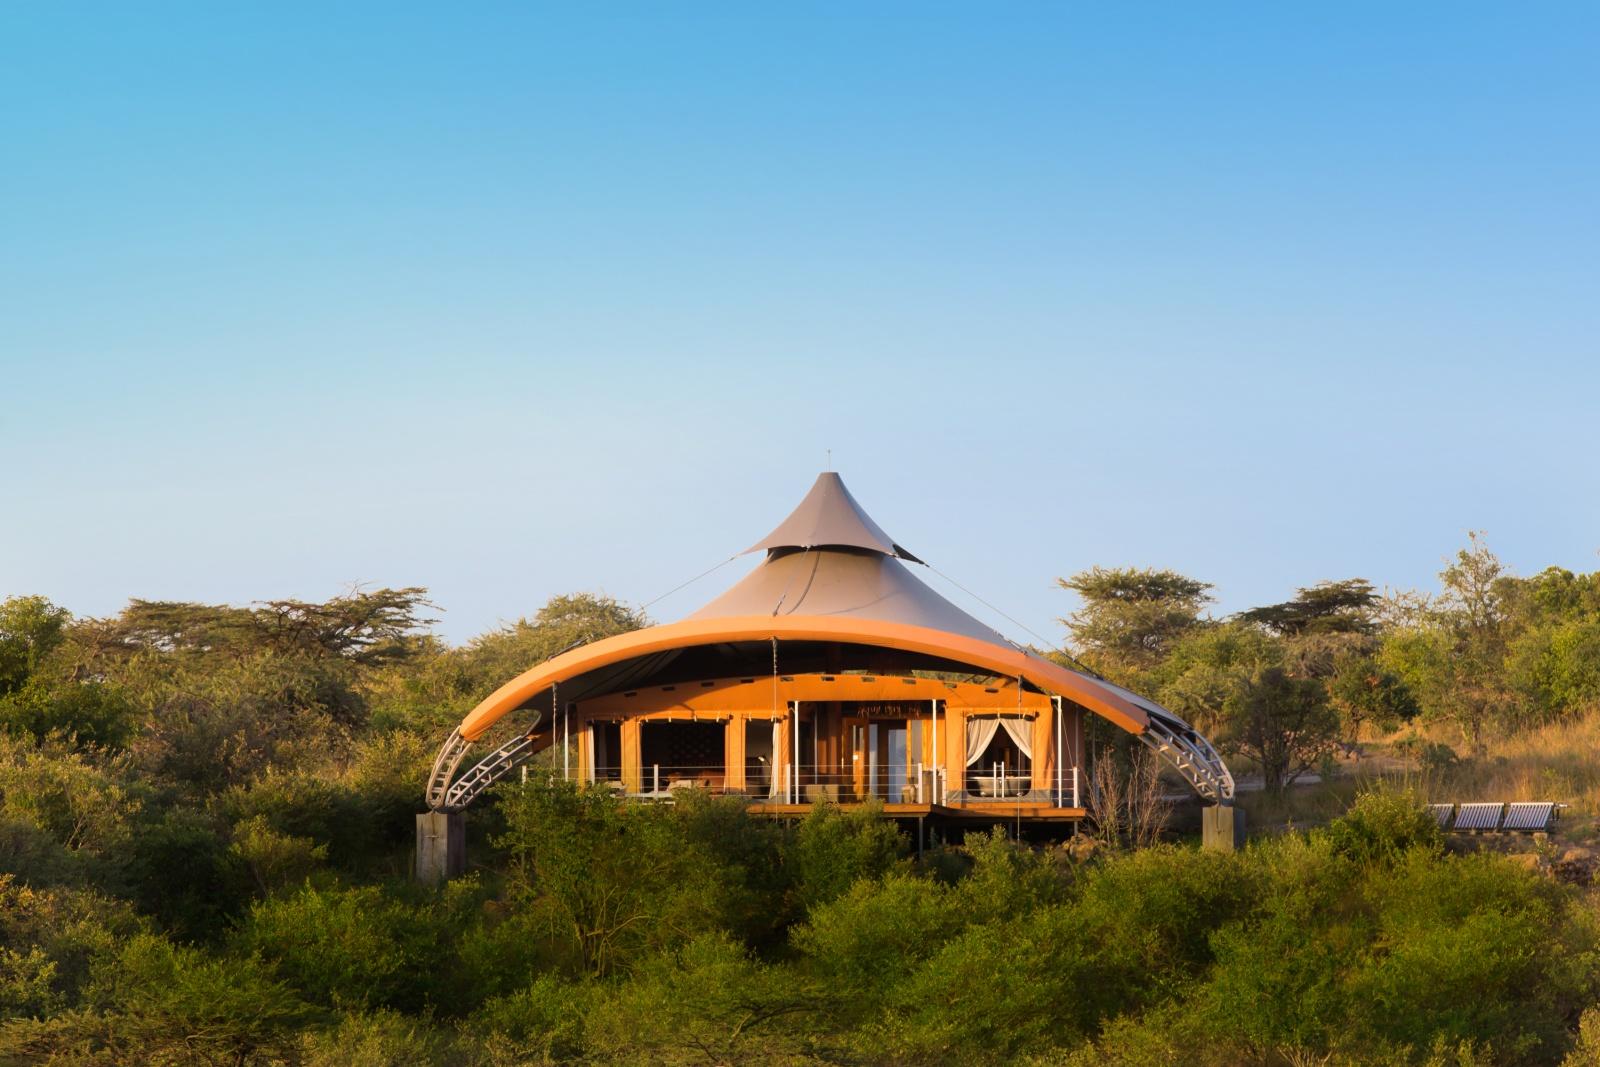 Внешний дизайн палаточного домика отеля Mahali Mzur